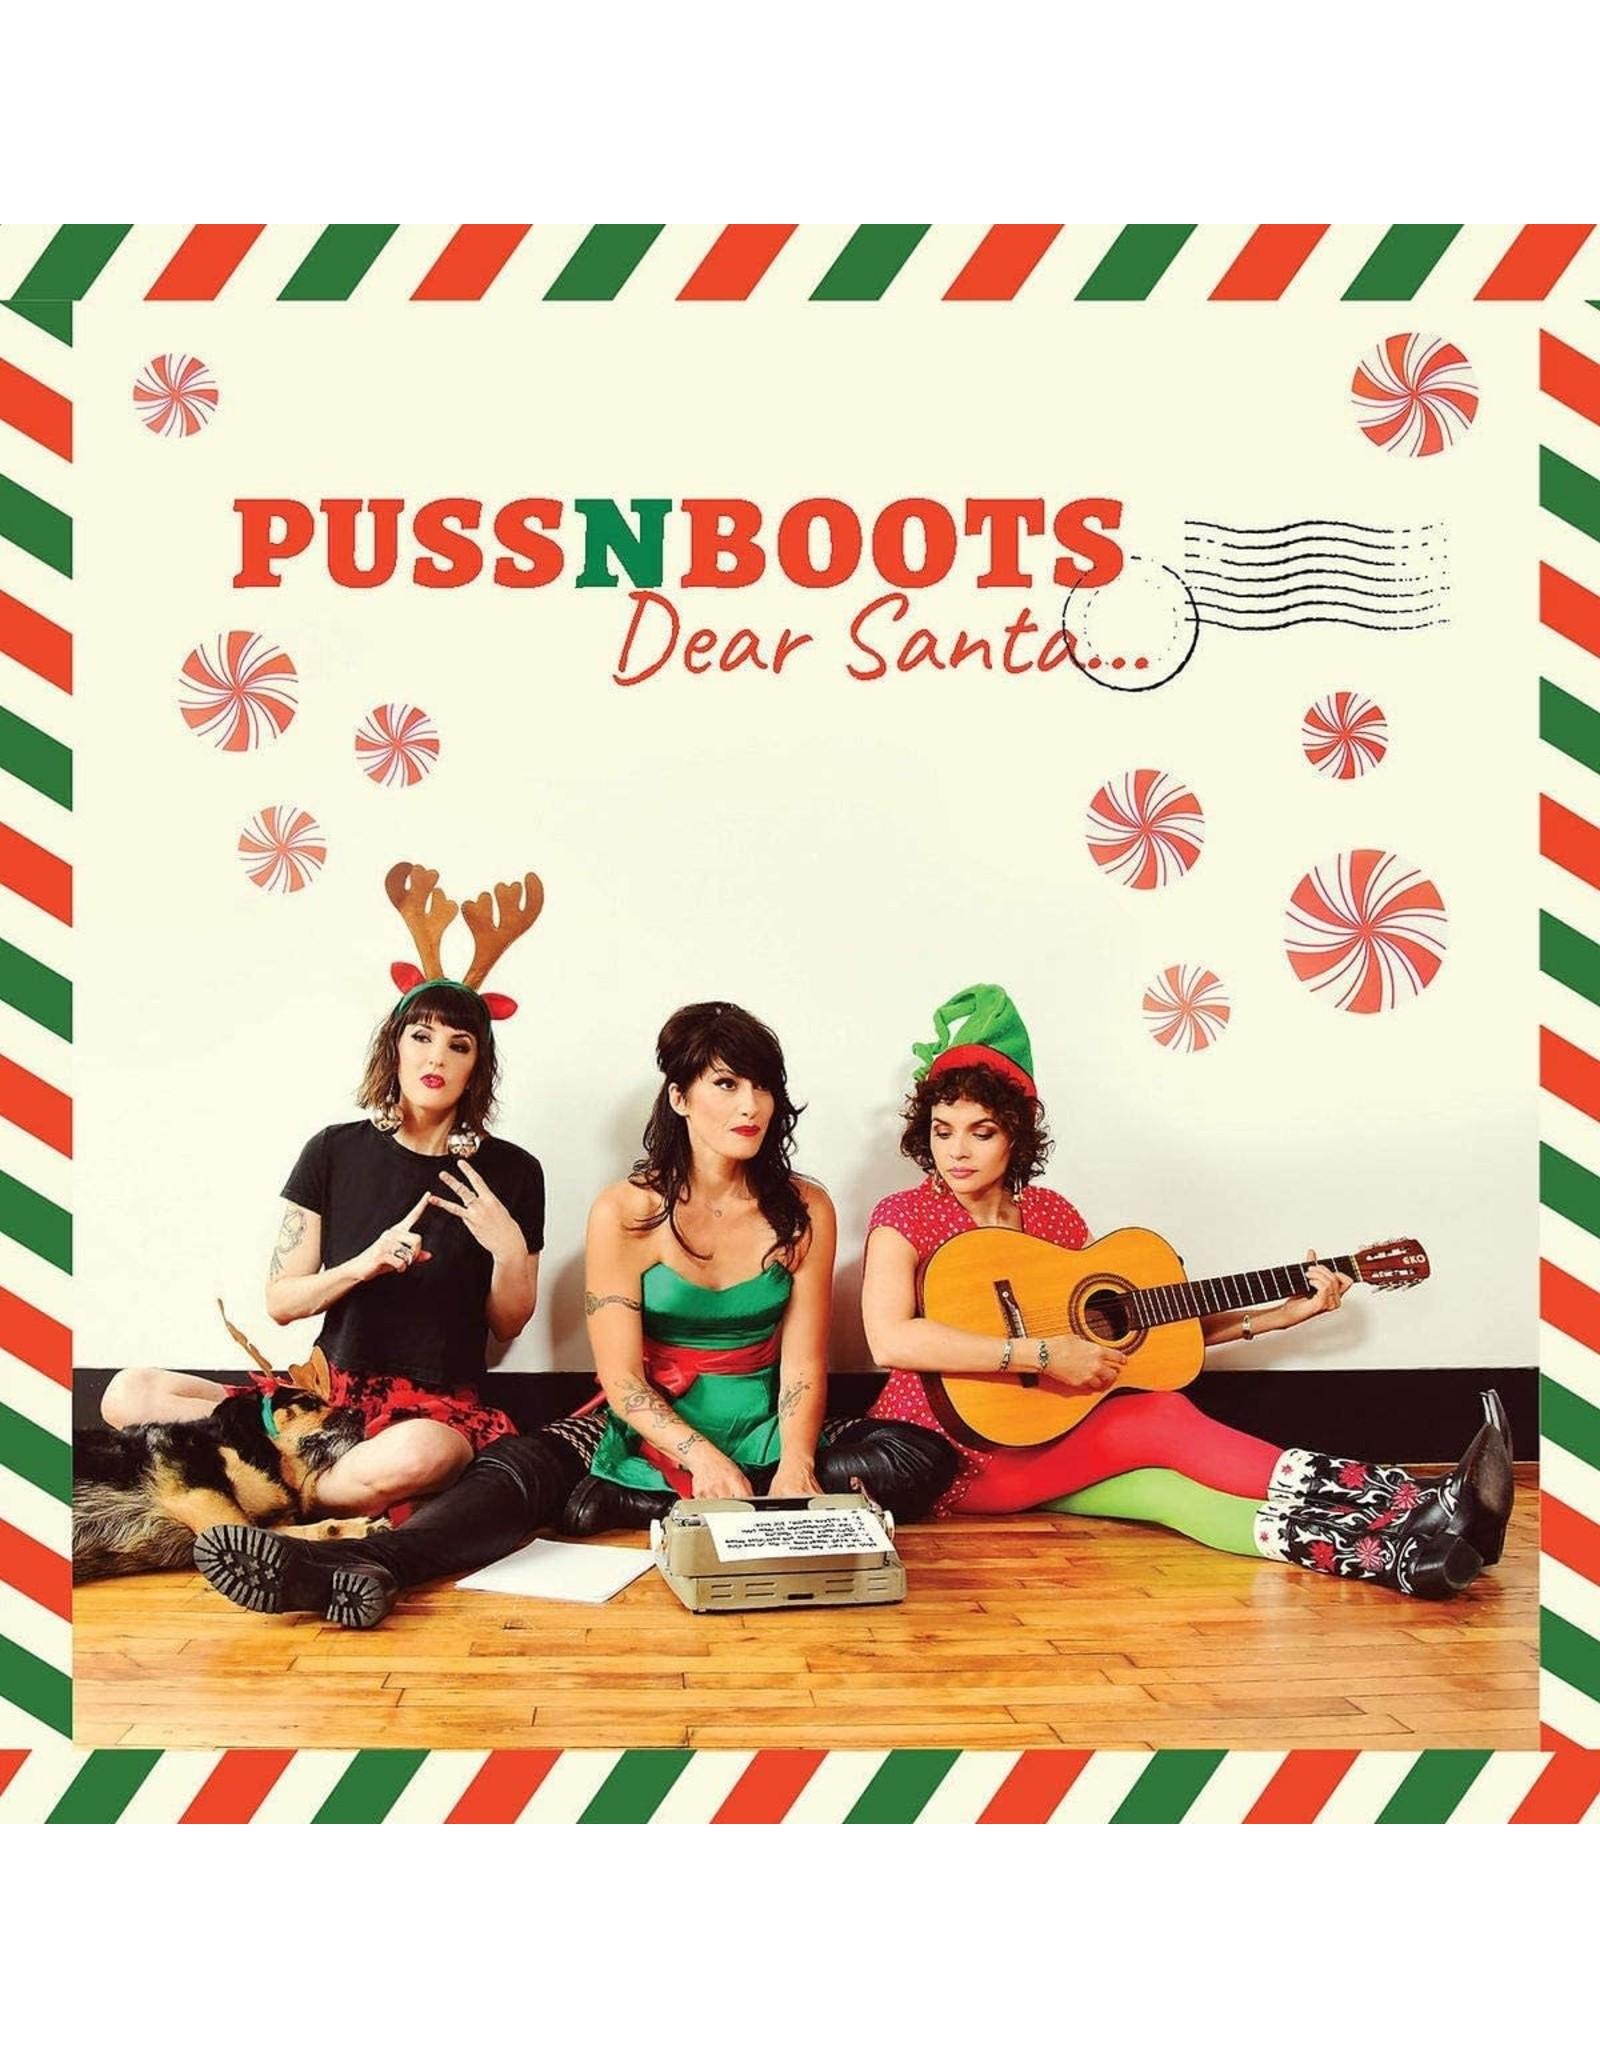 Puss N Boots - Dear Santa... EP